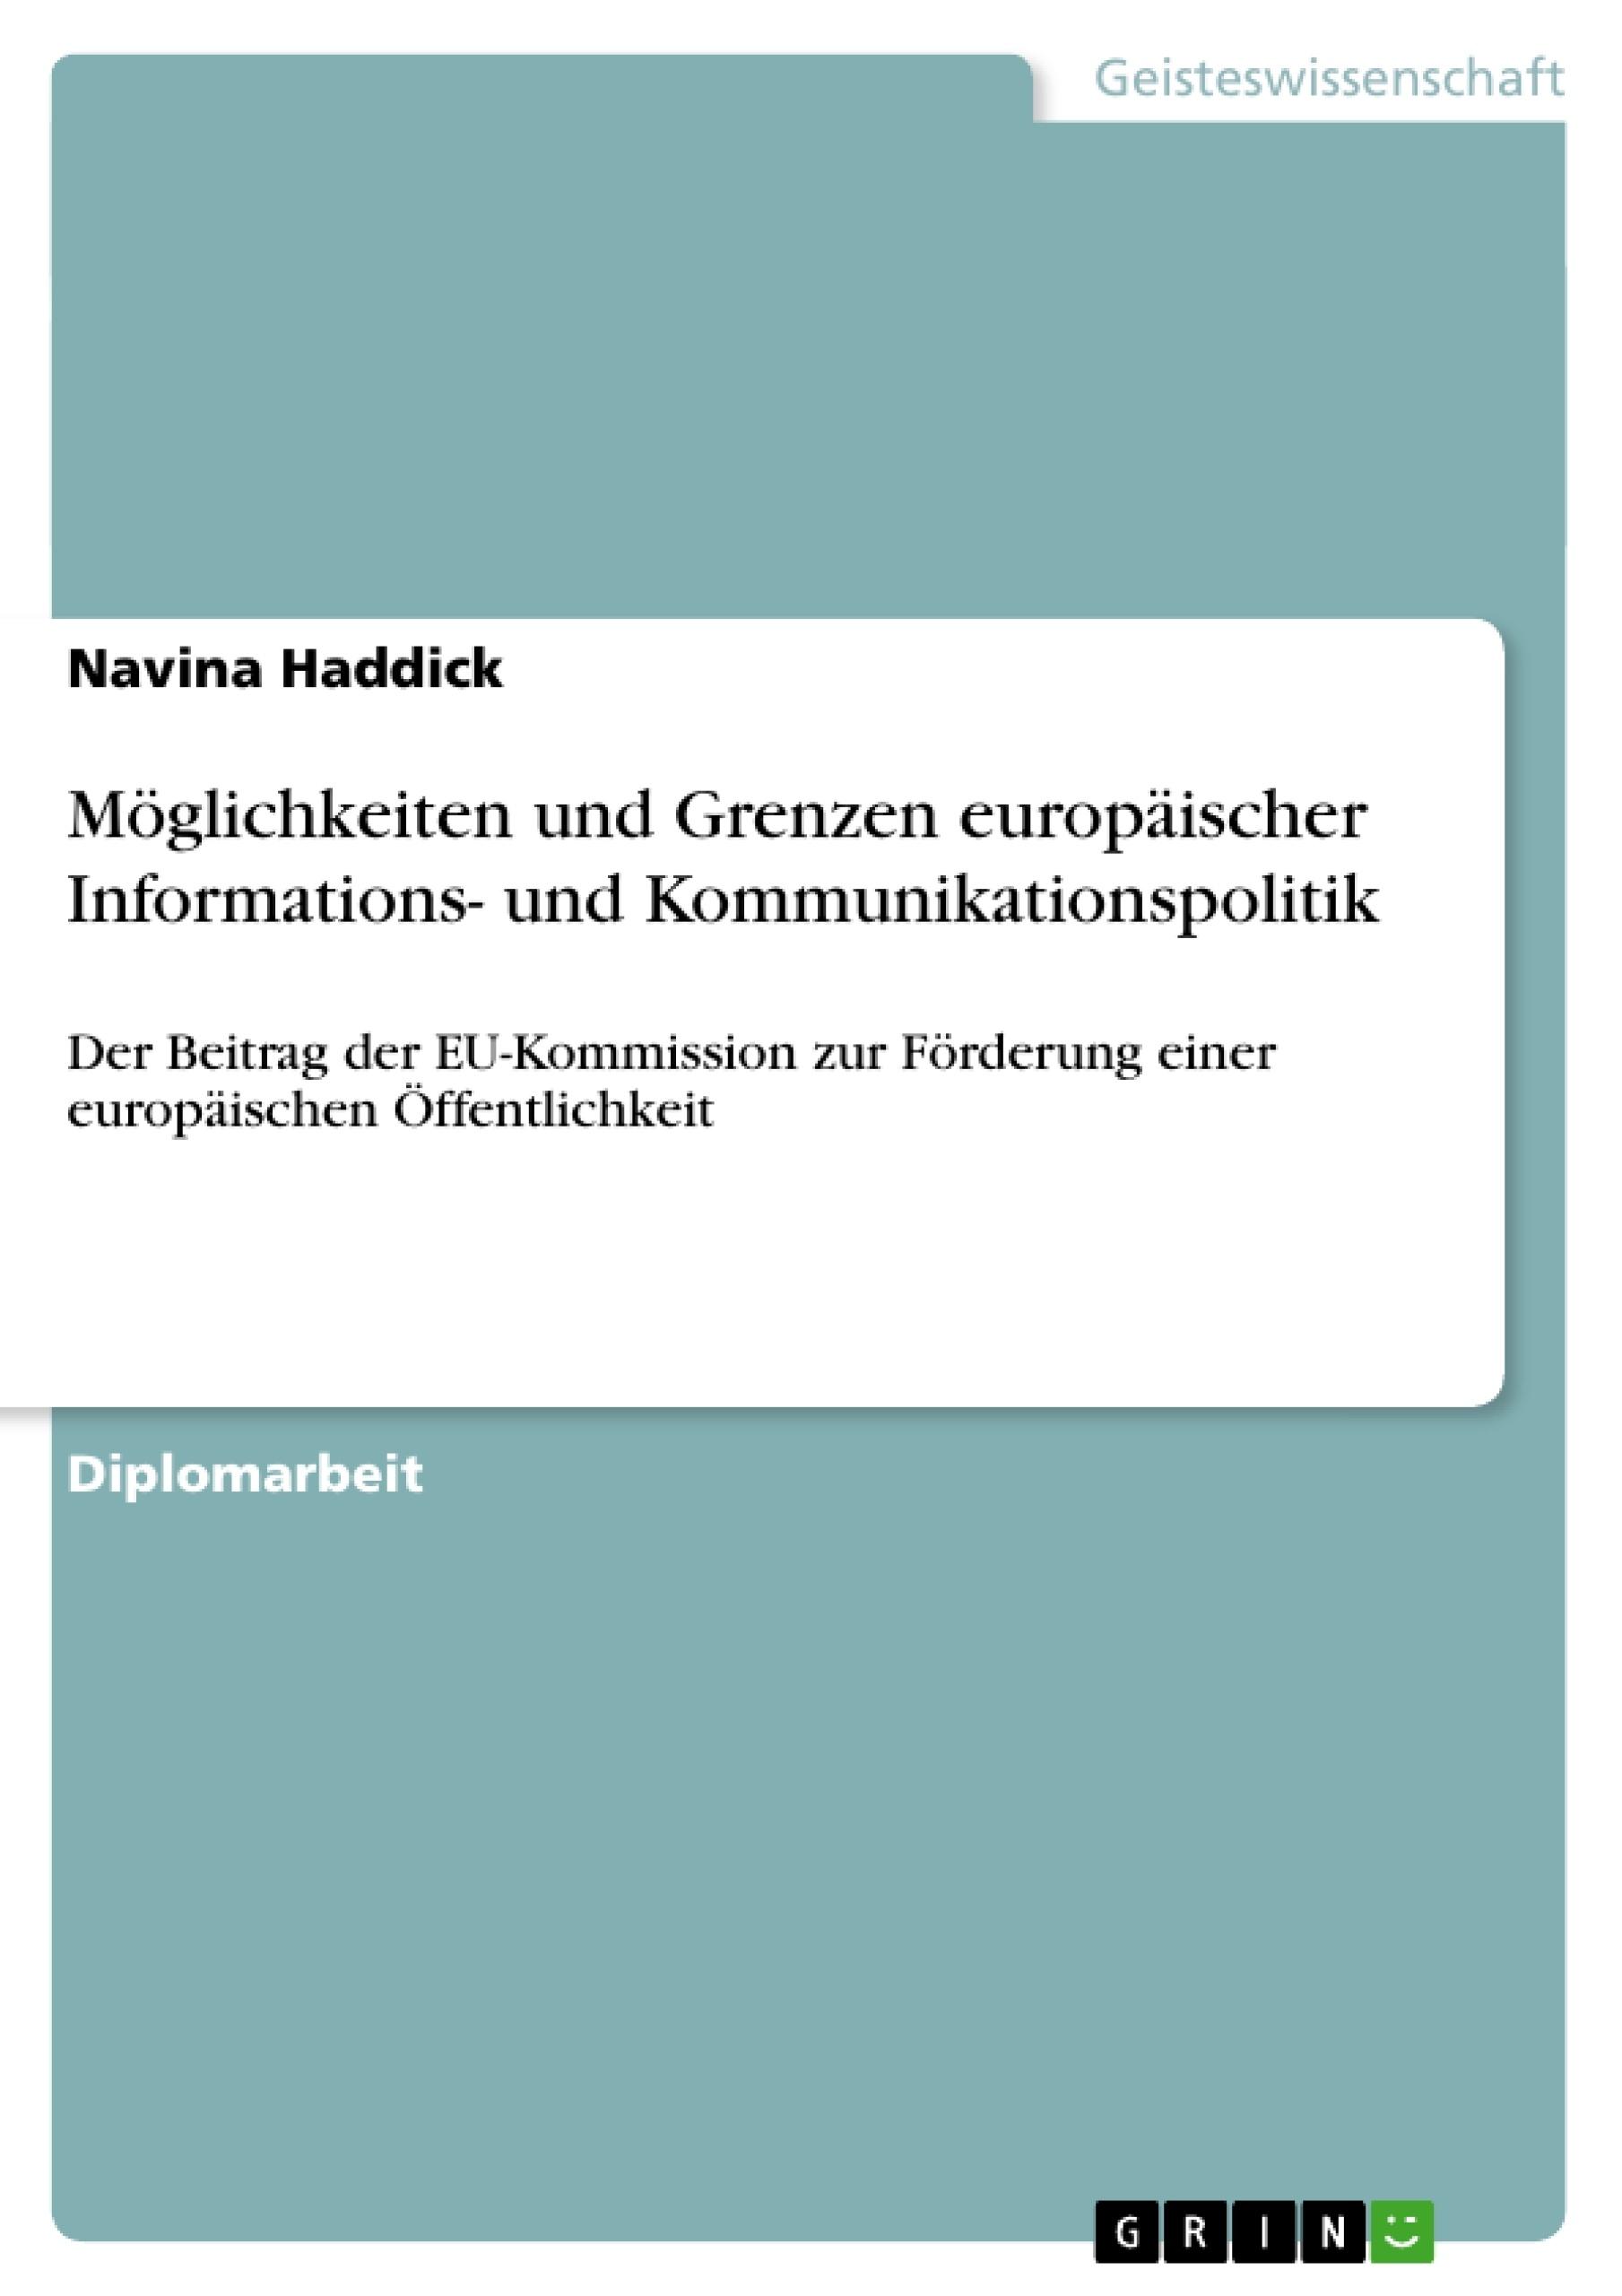 Titel: Möglichkeiten und Grenzen  europäischer Informations- und Kommunikationspolitik